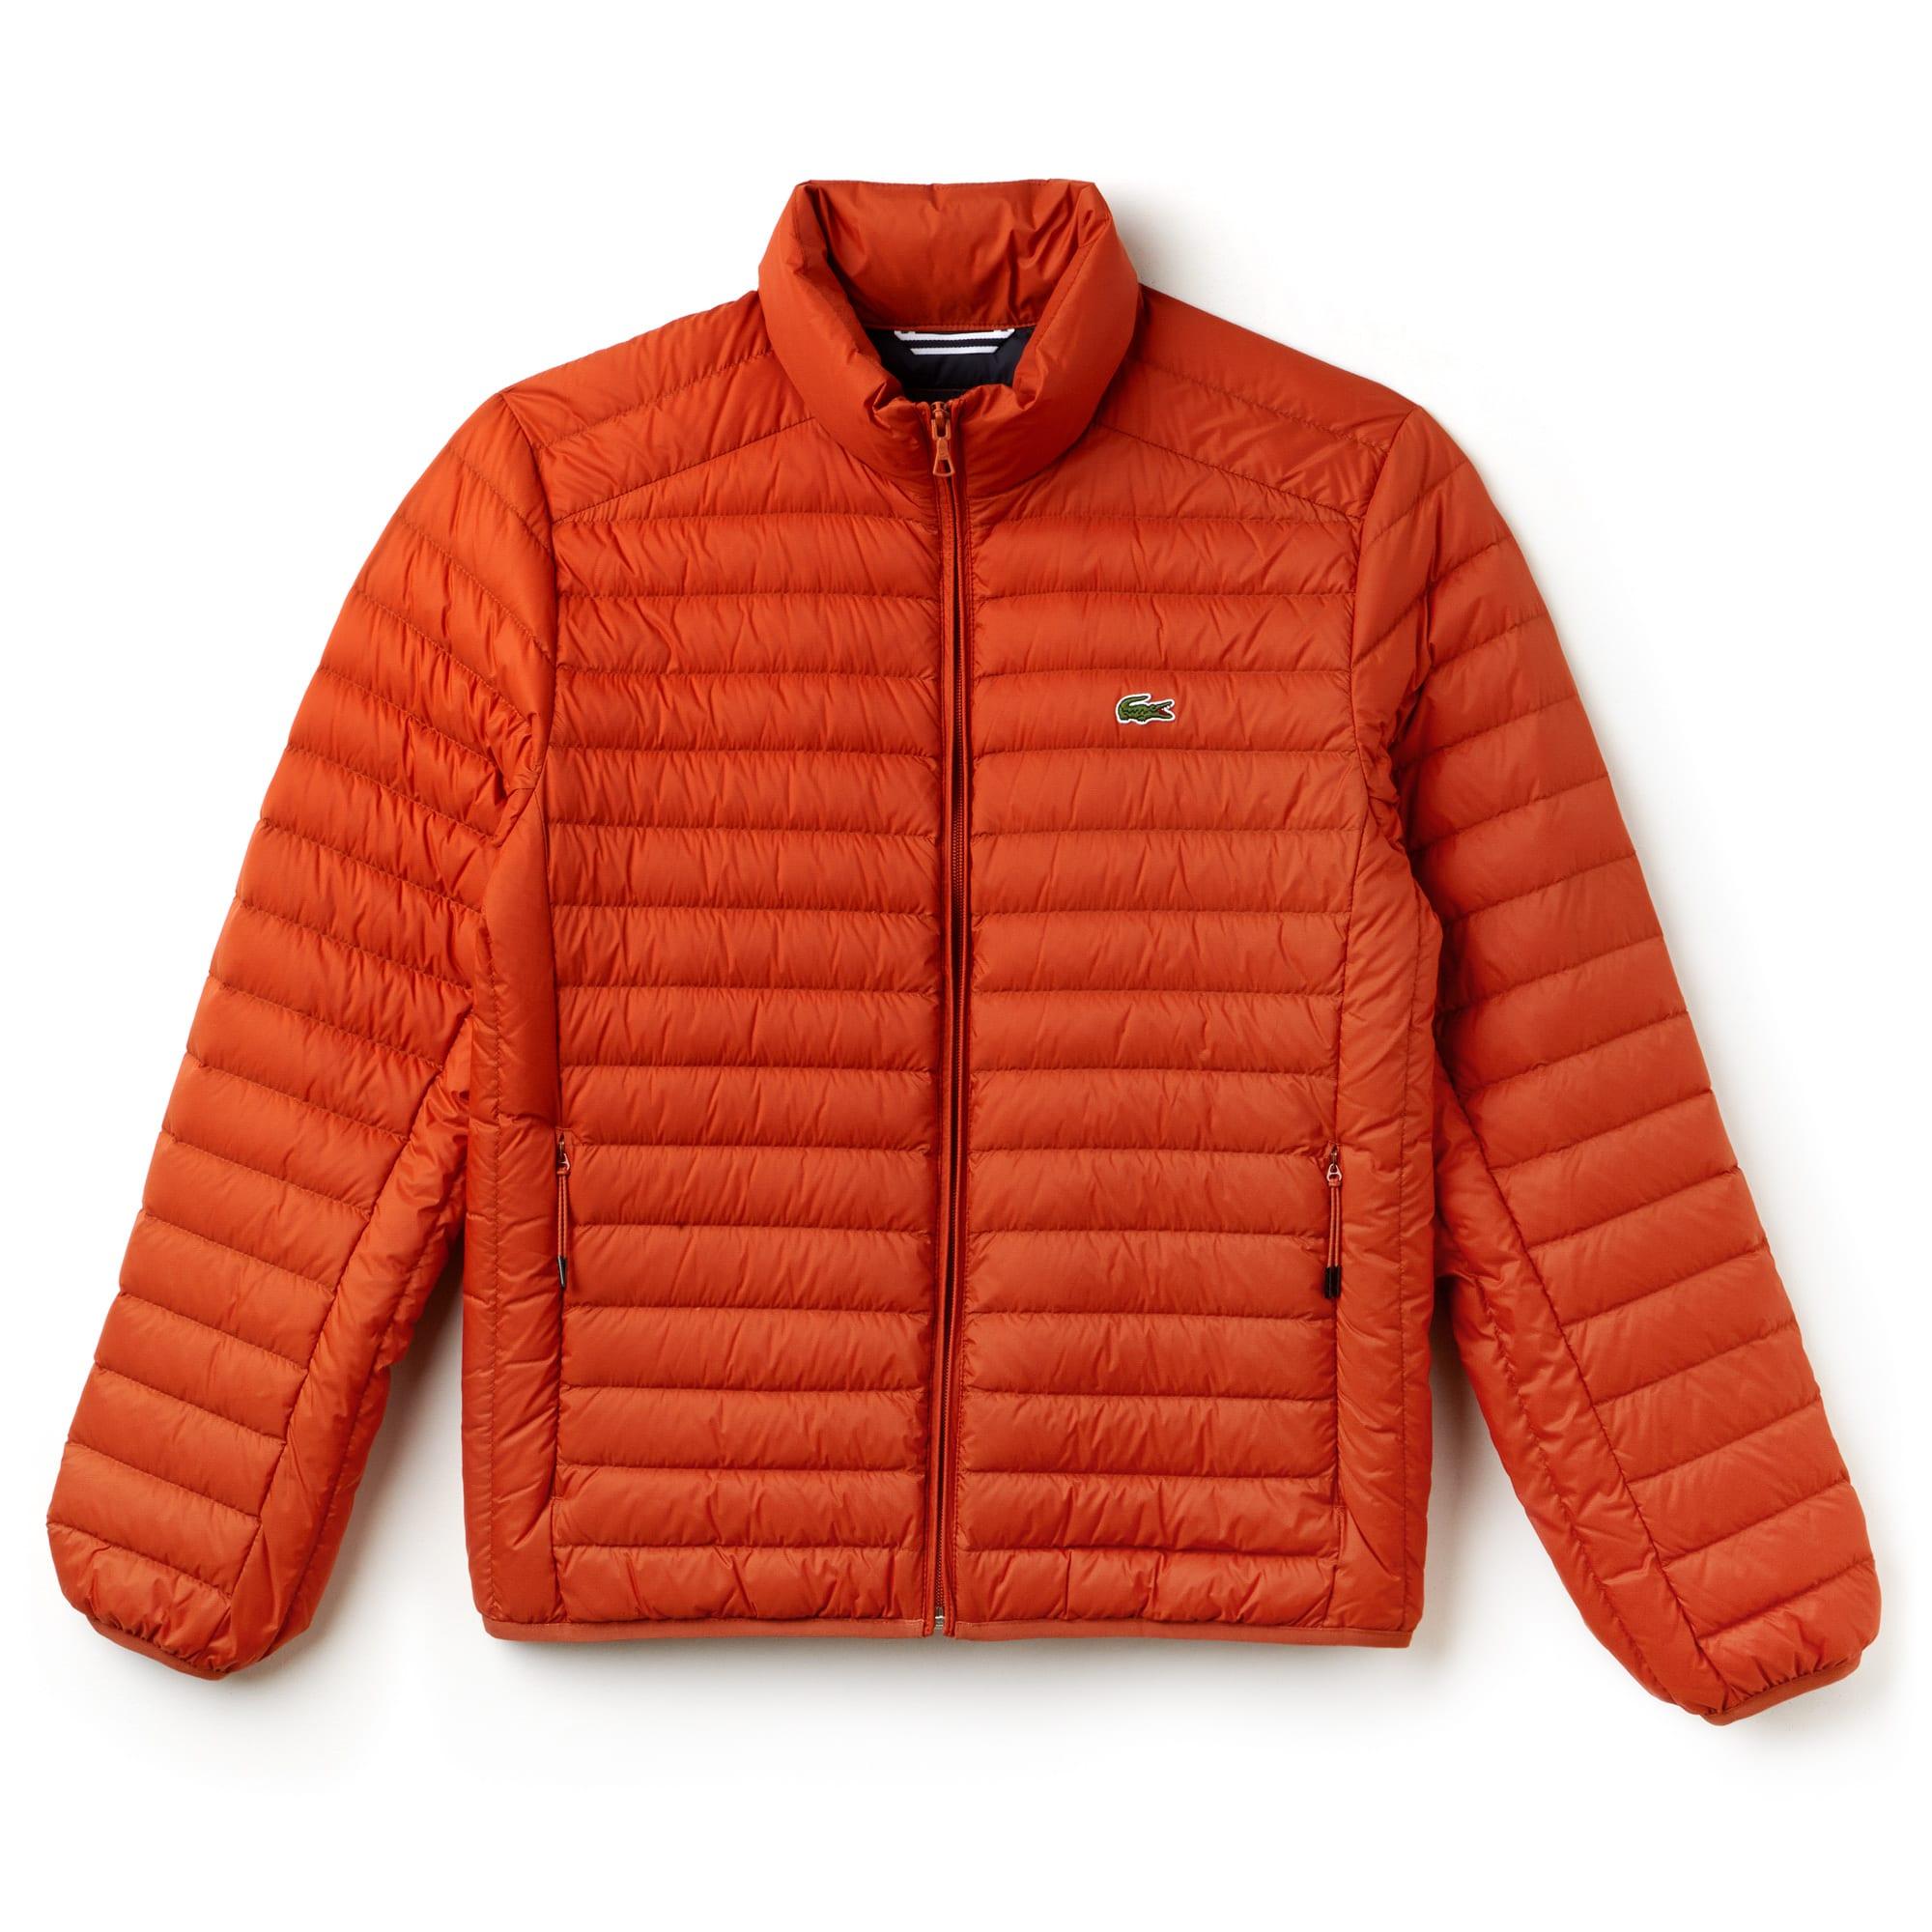 라코스테 초경량 퀼팅 자켓 오렌지 Lacoste Mens Short Contrast Lining Quilted Jacket, nevada orange, BH9389-51